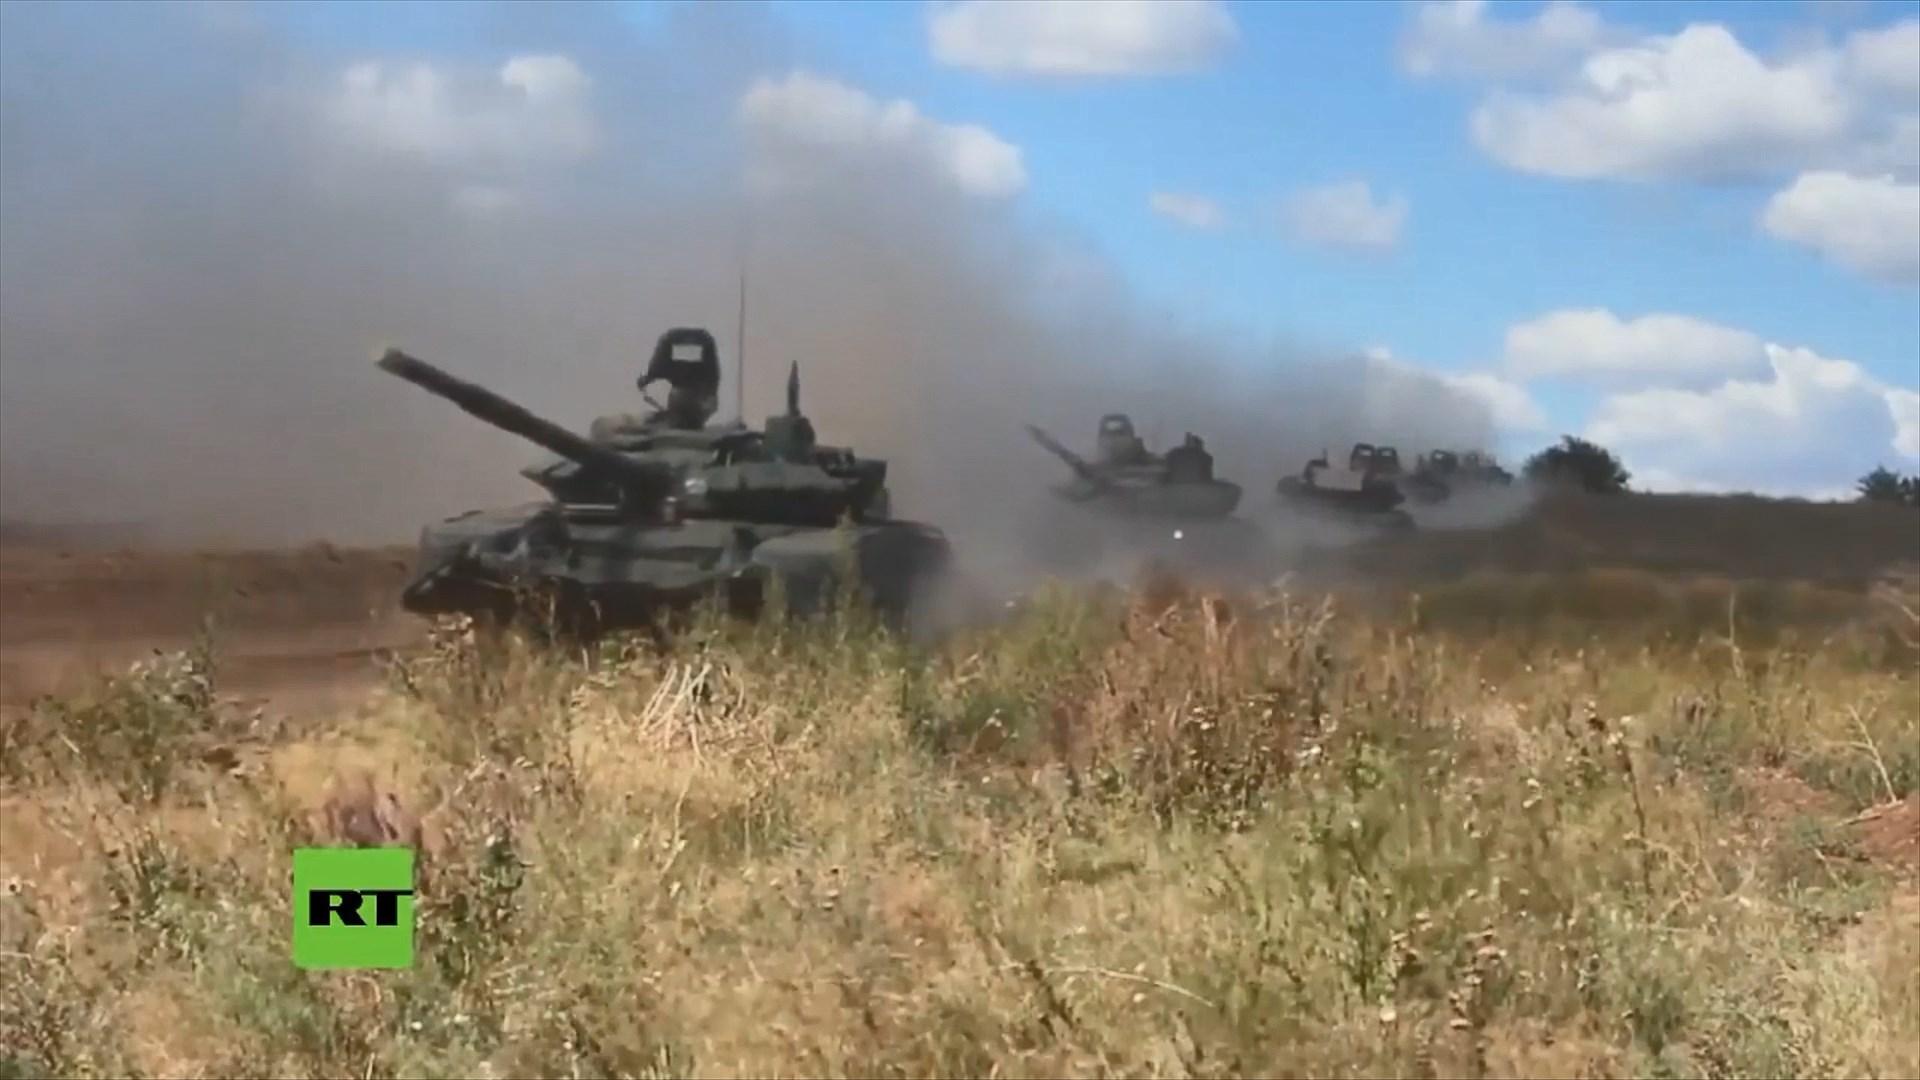 Rusia zhvillon stërvitjen ushtarake më të madhe që prej Luftës së Ftohtë